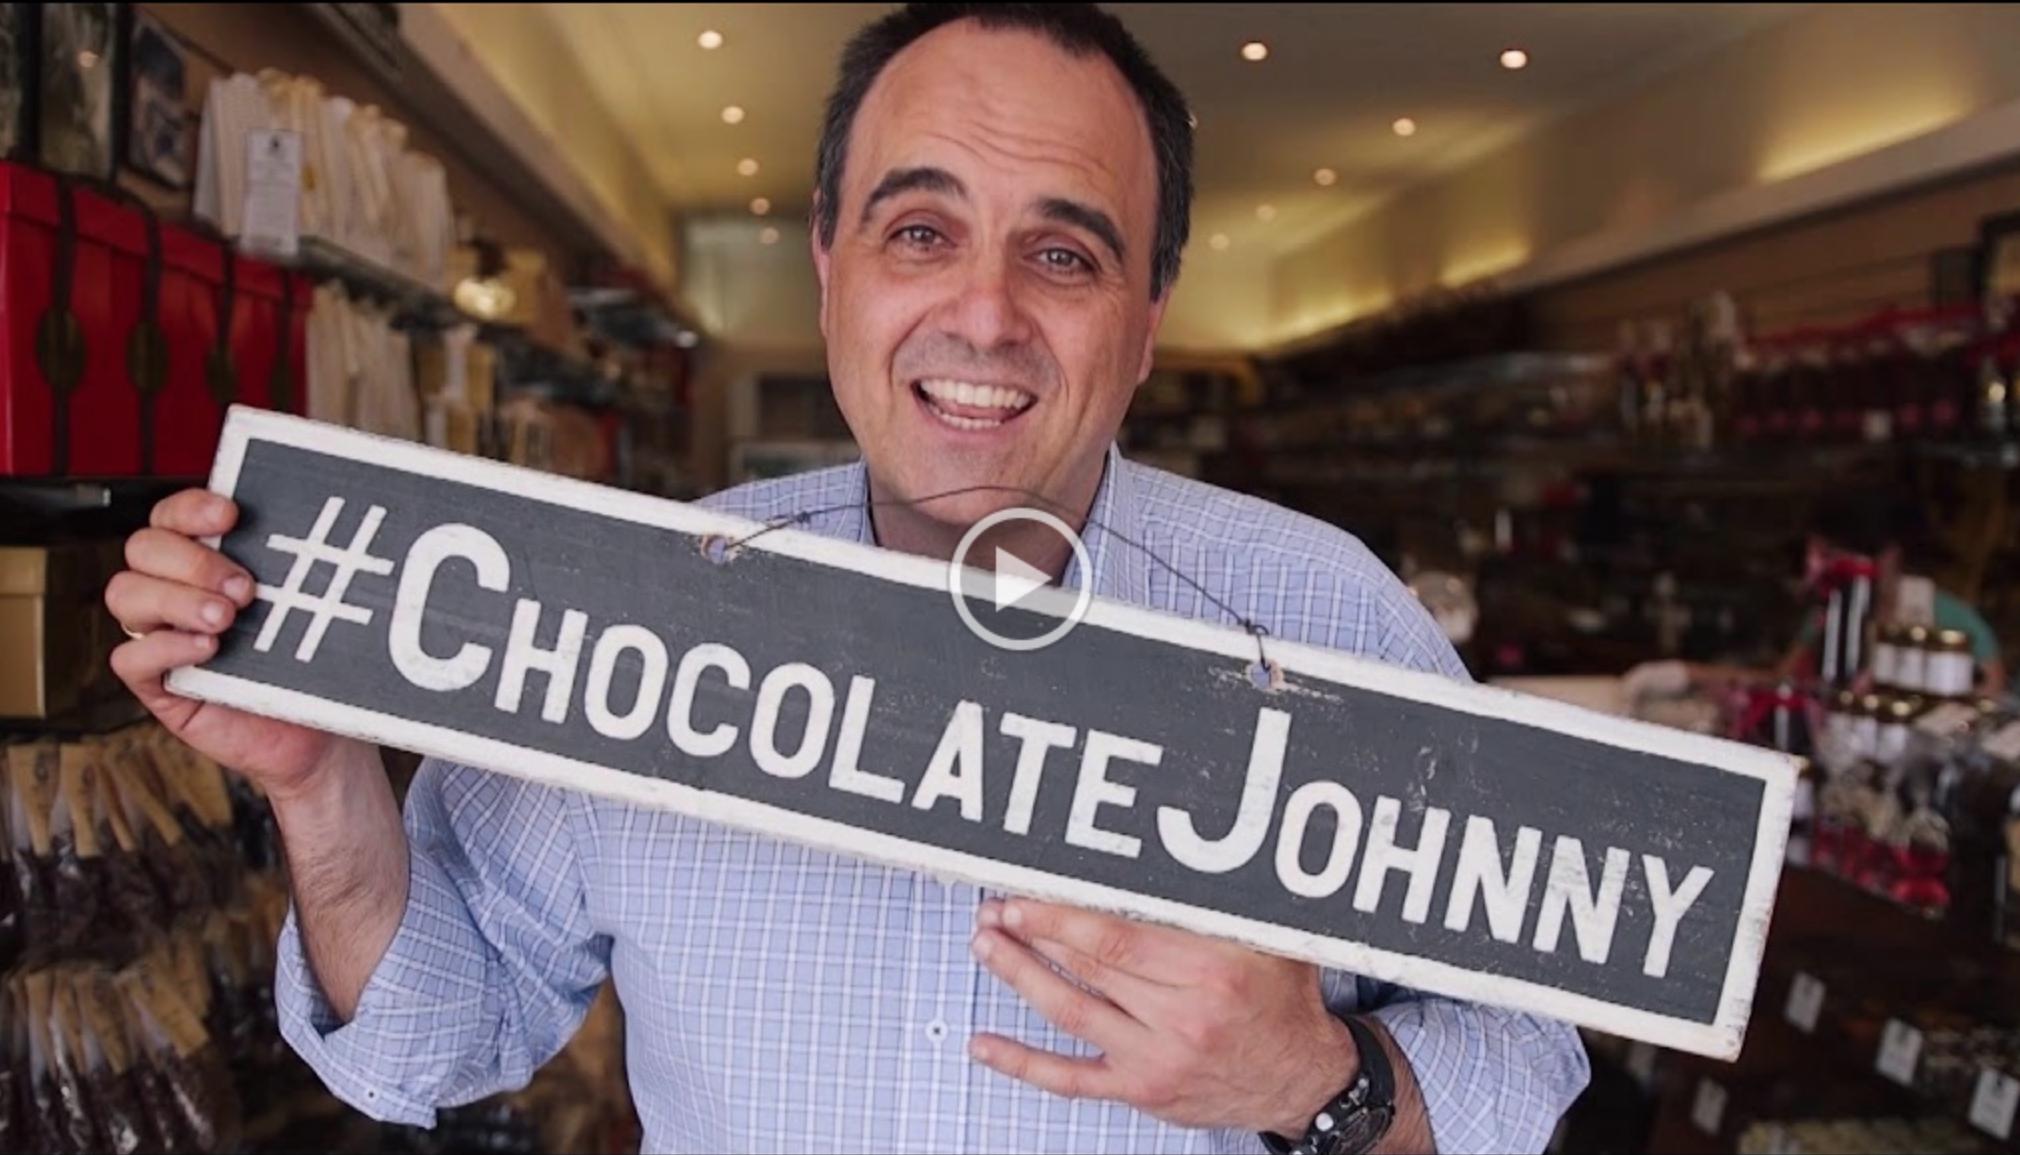 chocolate johhny